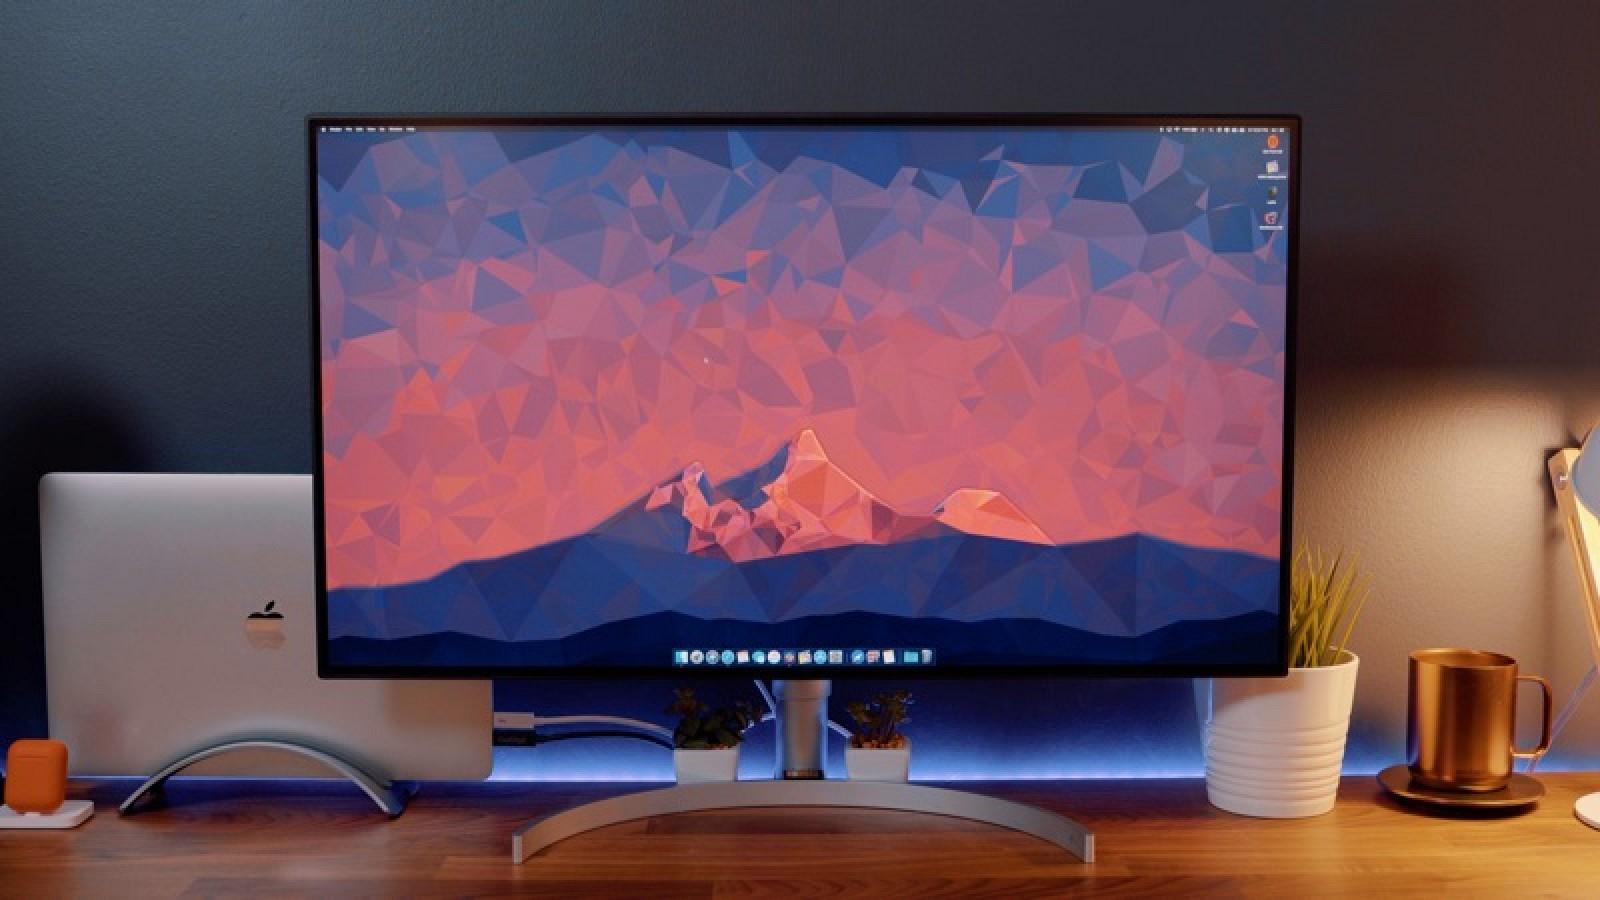 Practique con la última pantalla UltraFine 4K de LG con soporte Thunderbolt 3